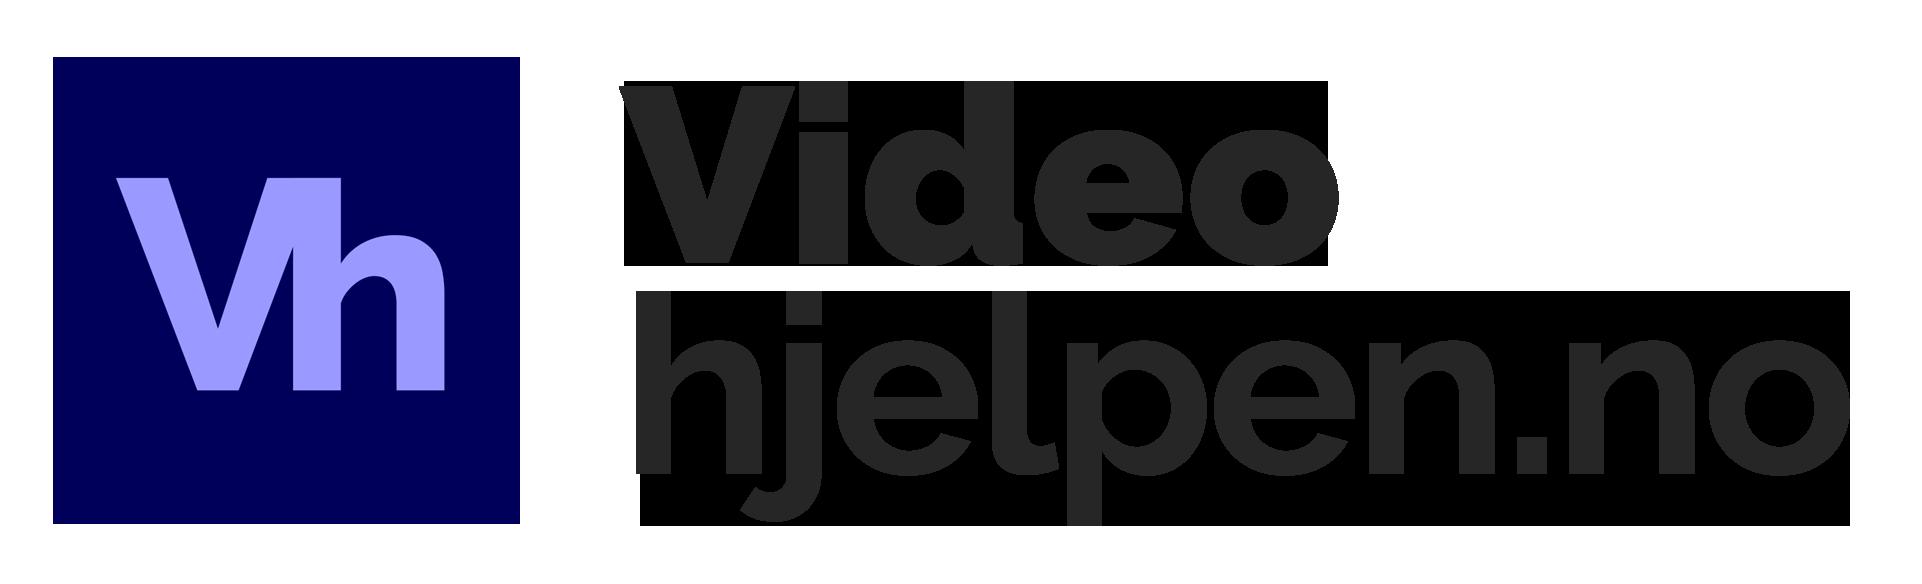 Videohjelpen